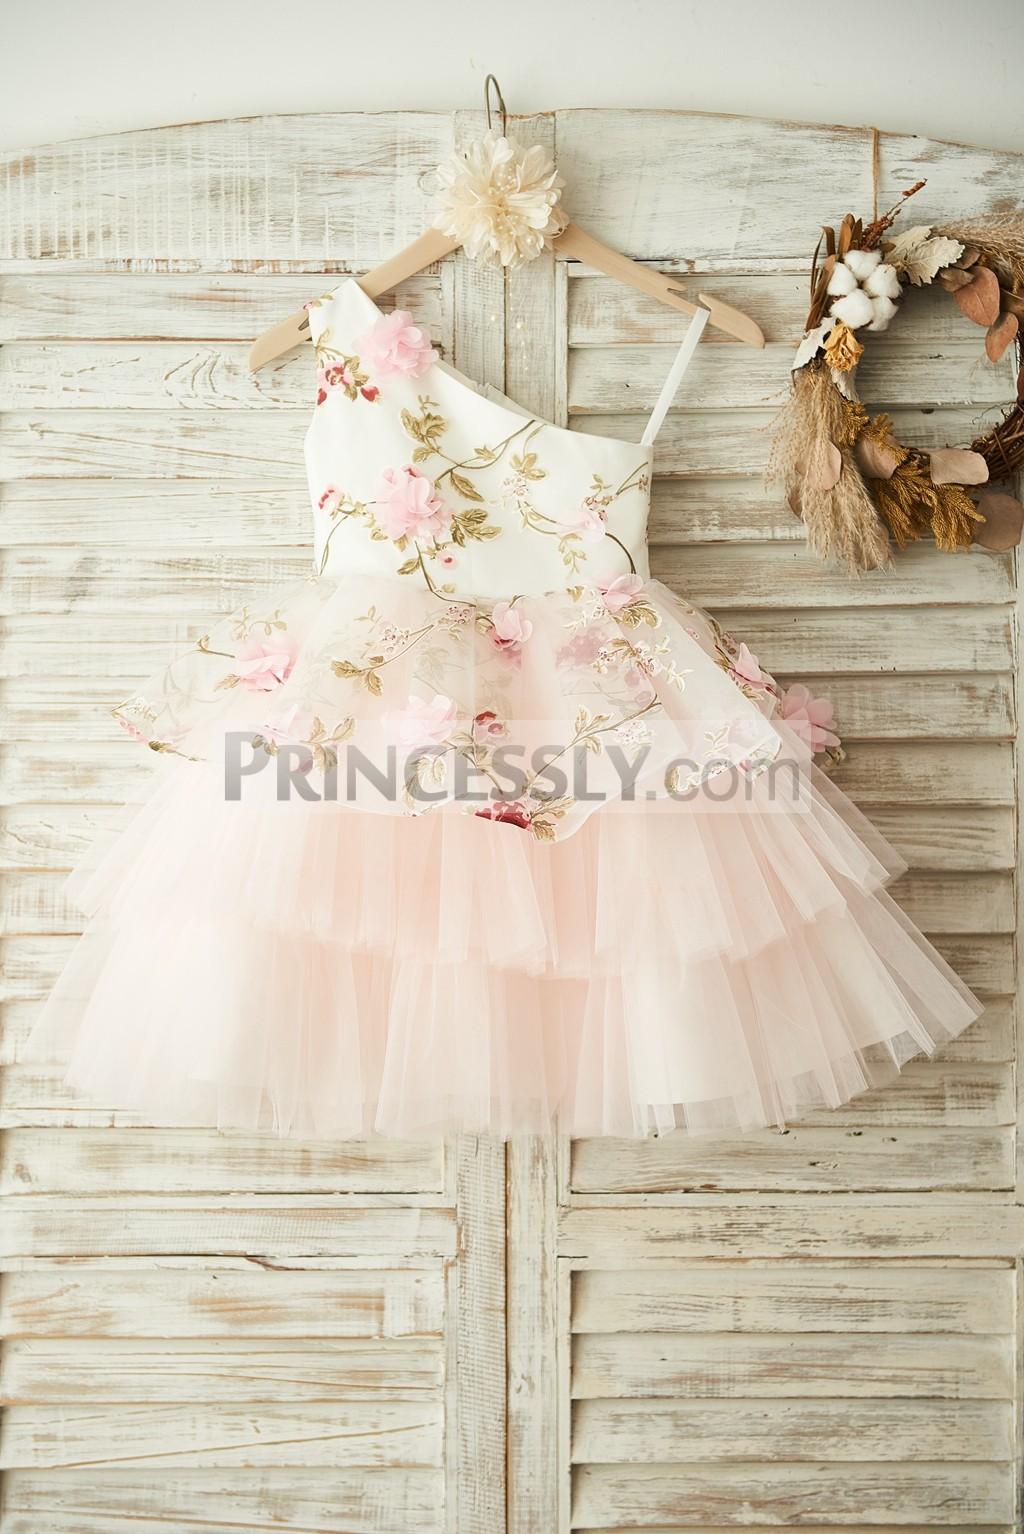 Princessly.com-K1003379 One Shoulder Floral Organza Pink Tulle Cupcake Wedding Flower Girl Dress-31